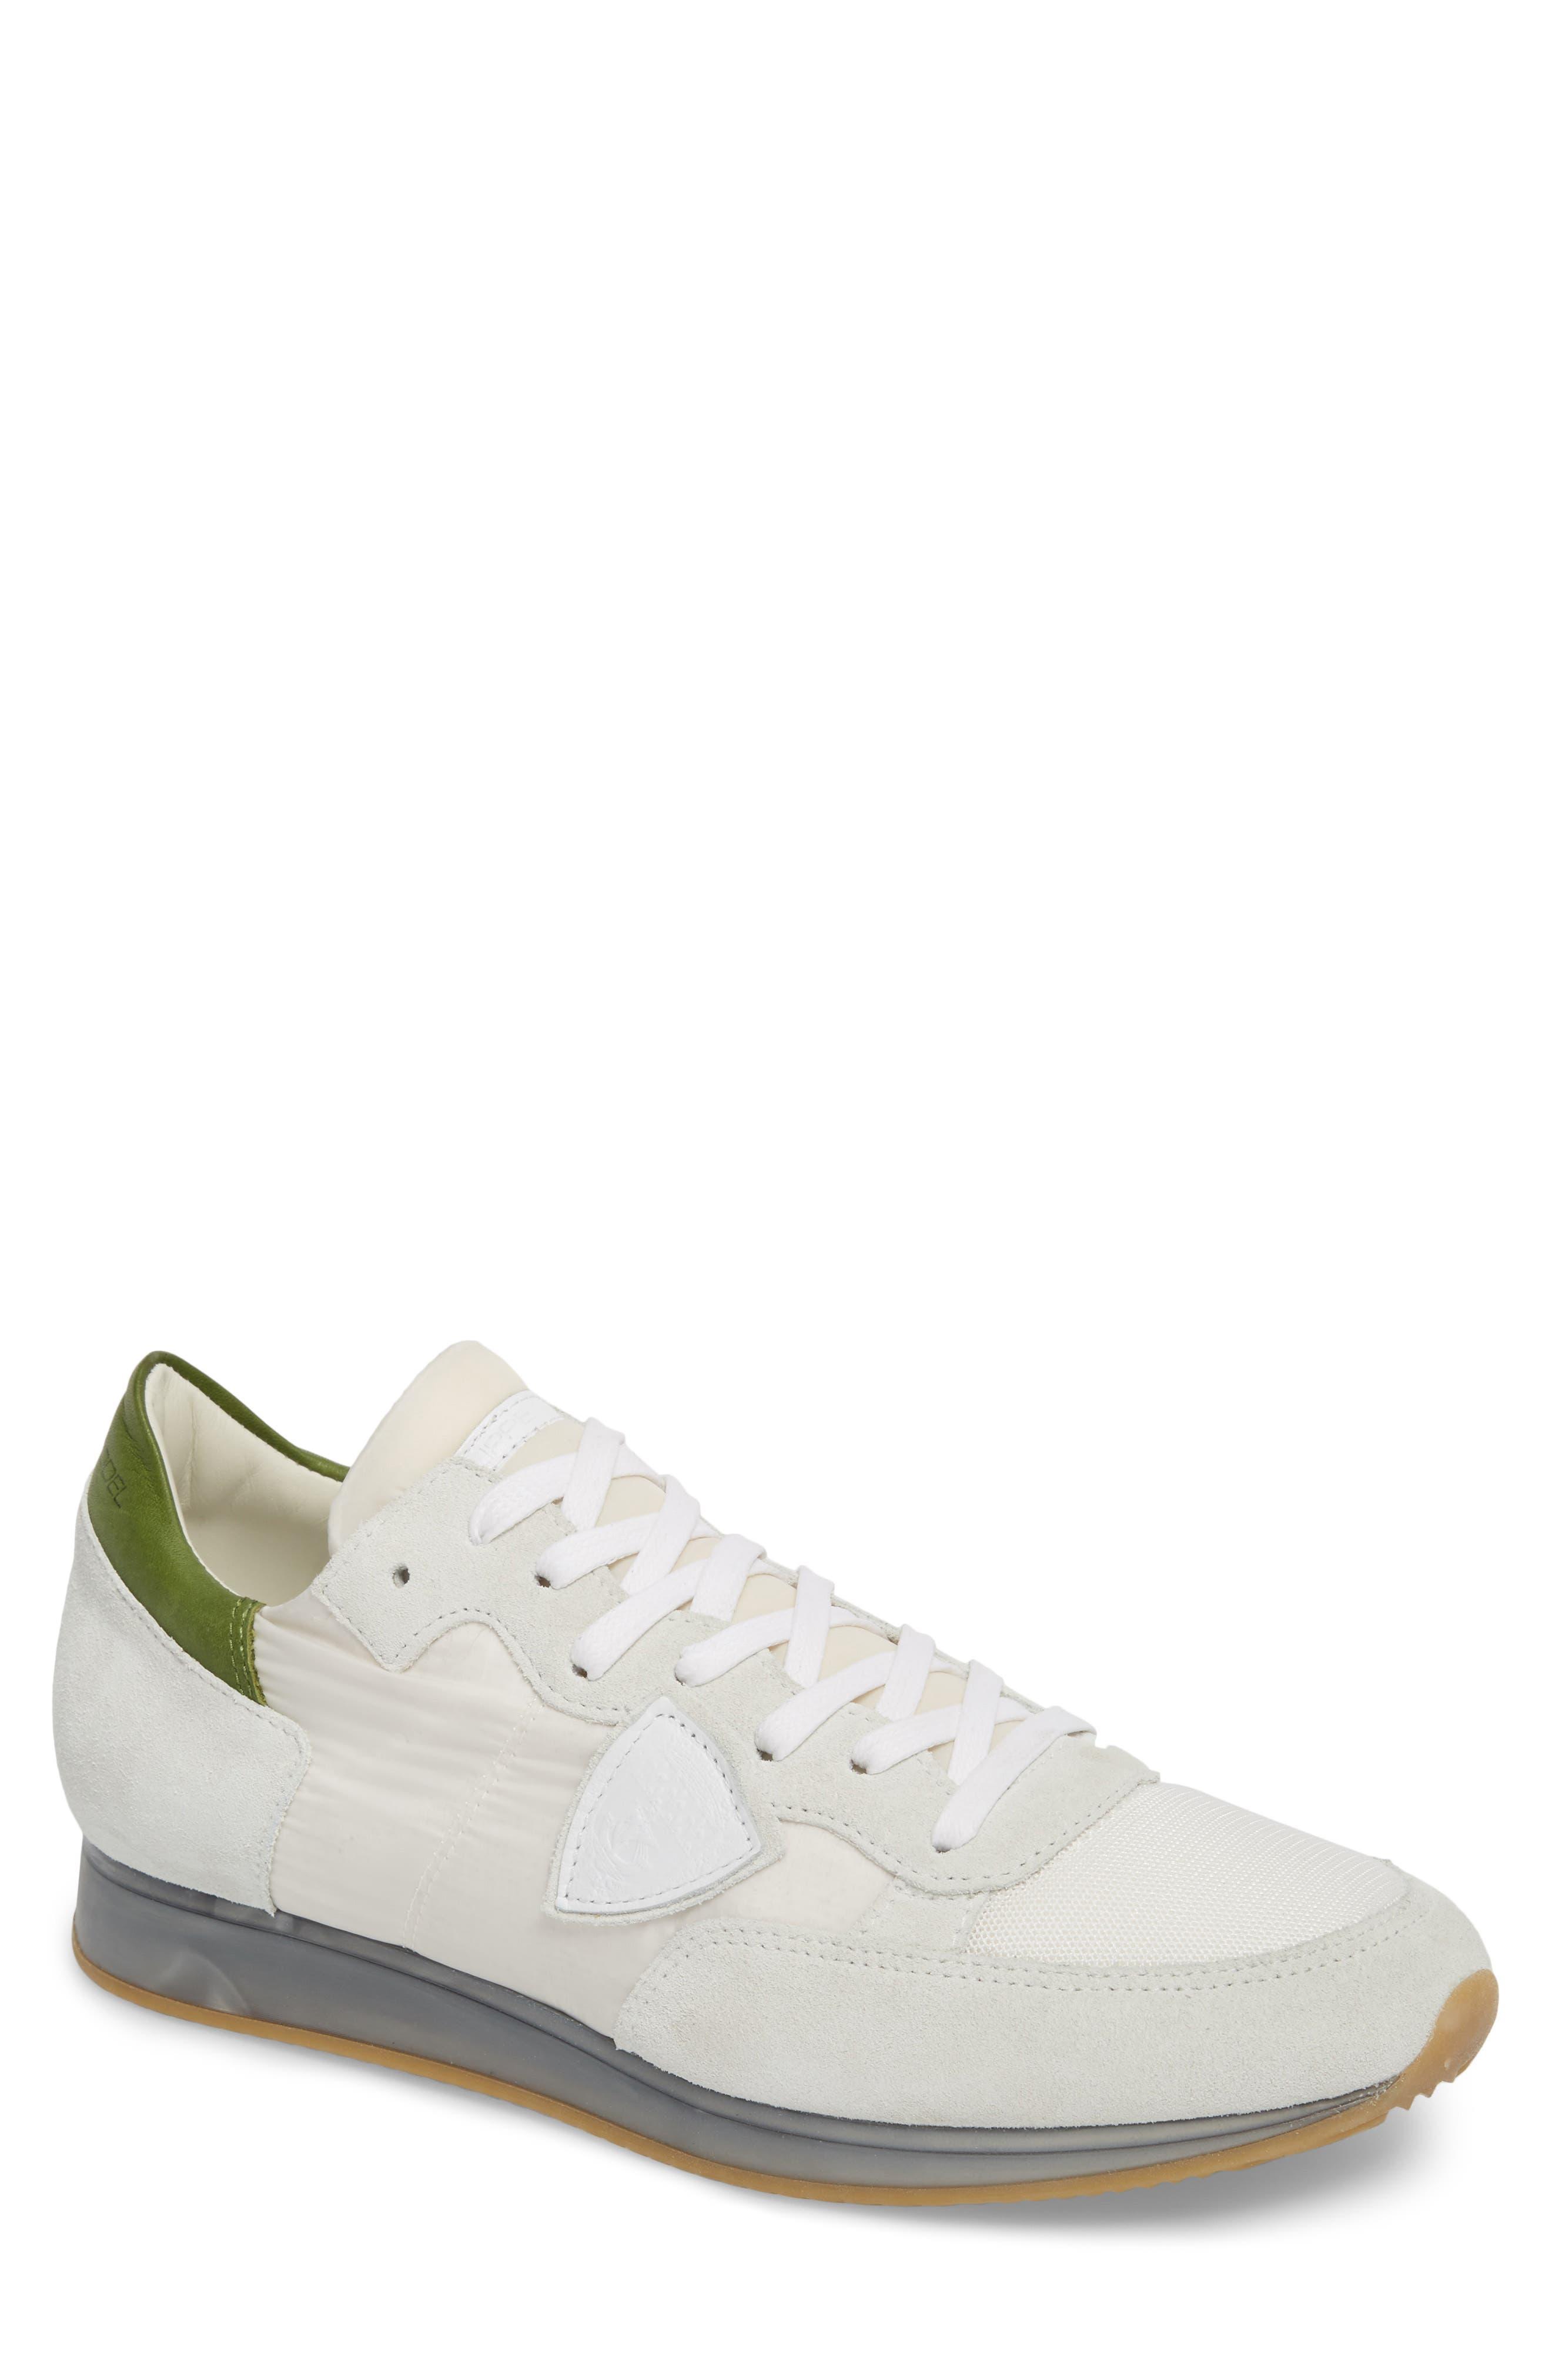 Tropez Sneaker,                         Main,                         color, 120